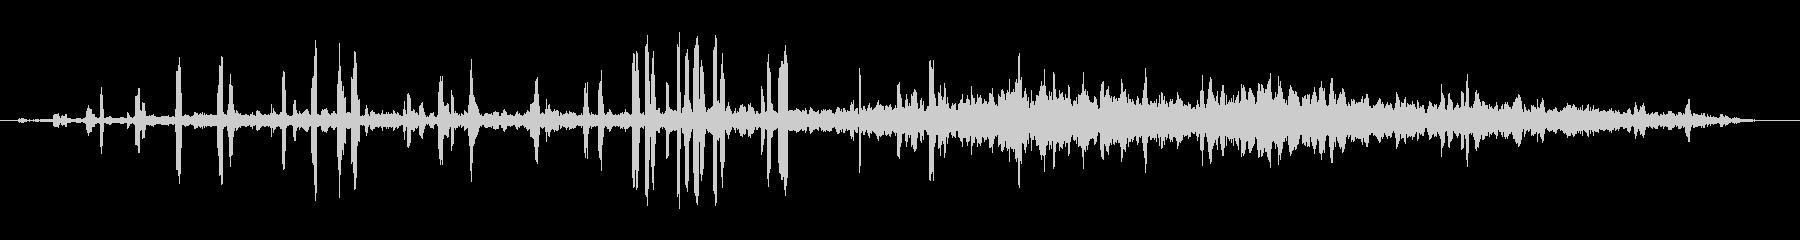 クレーンクレーンの未再生の波形